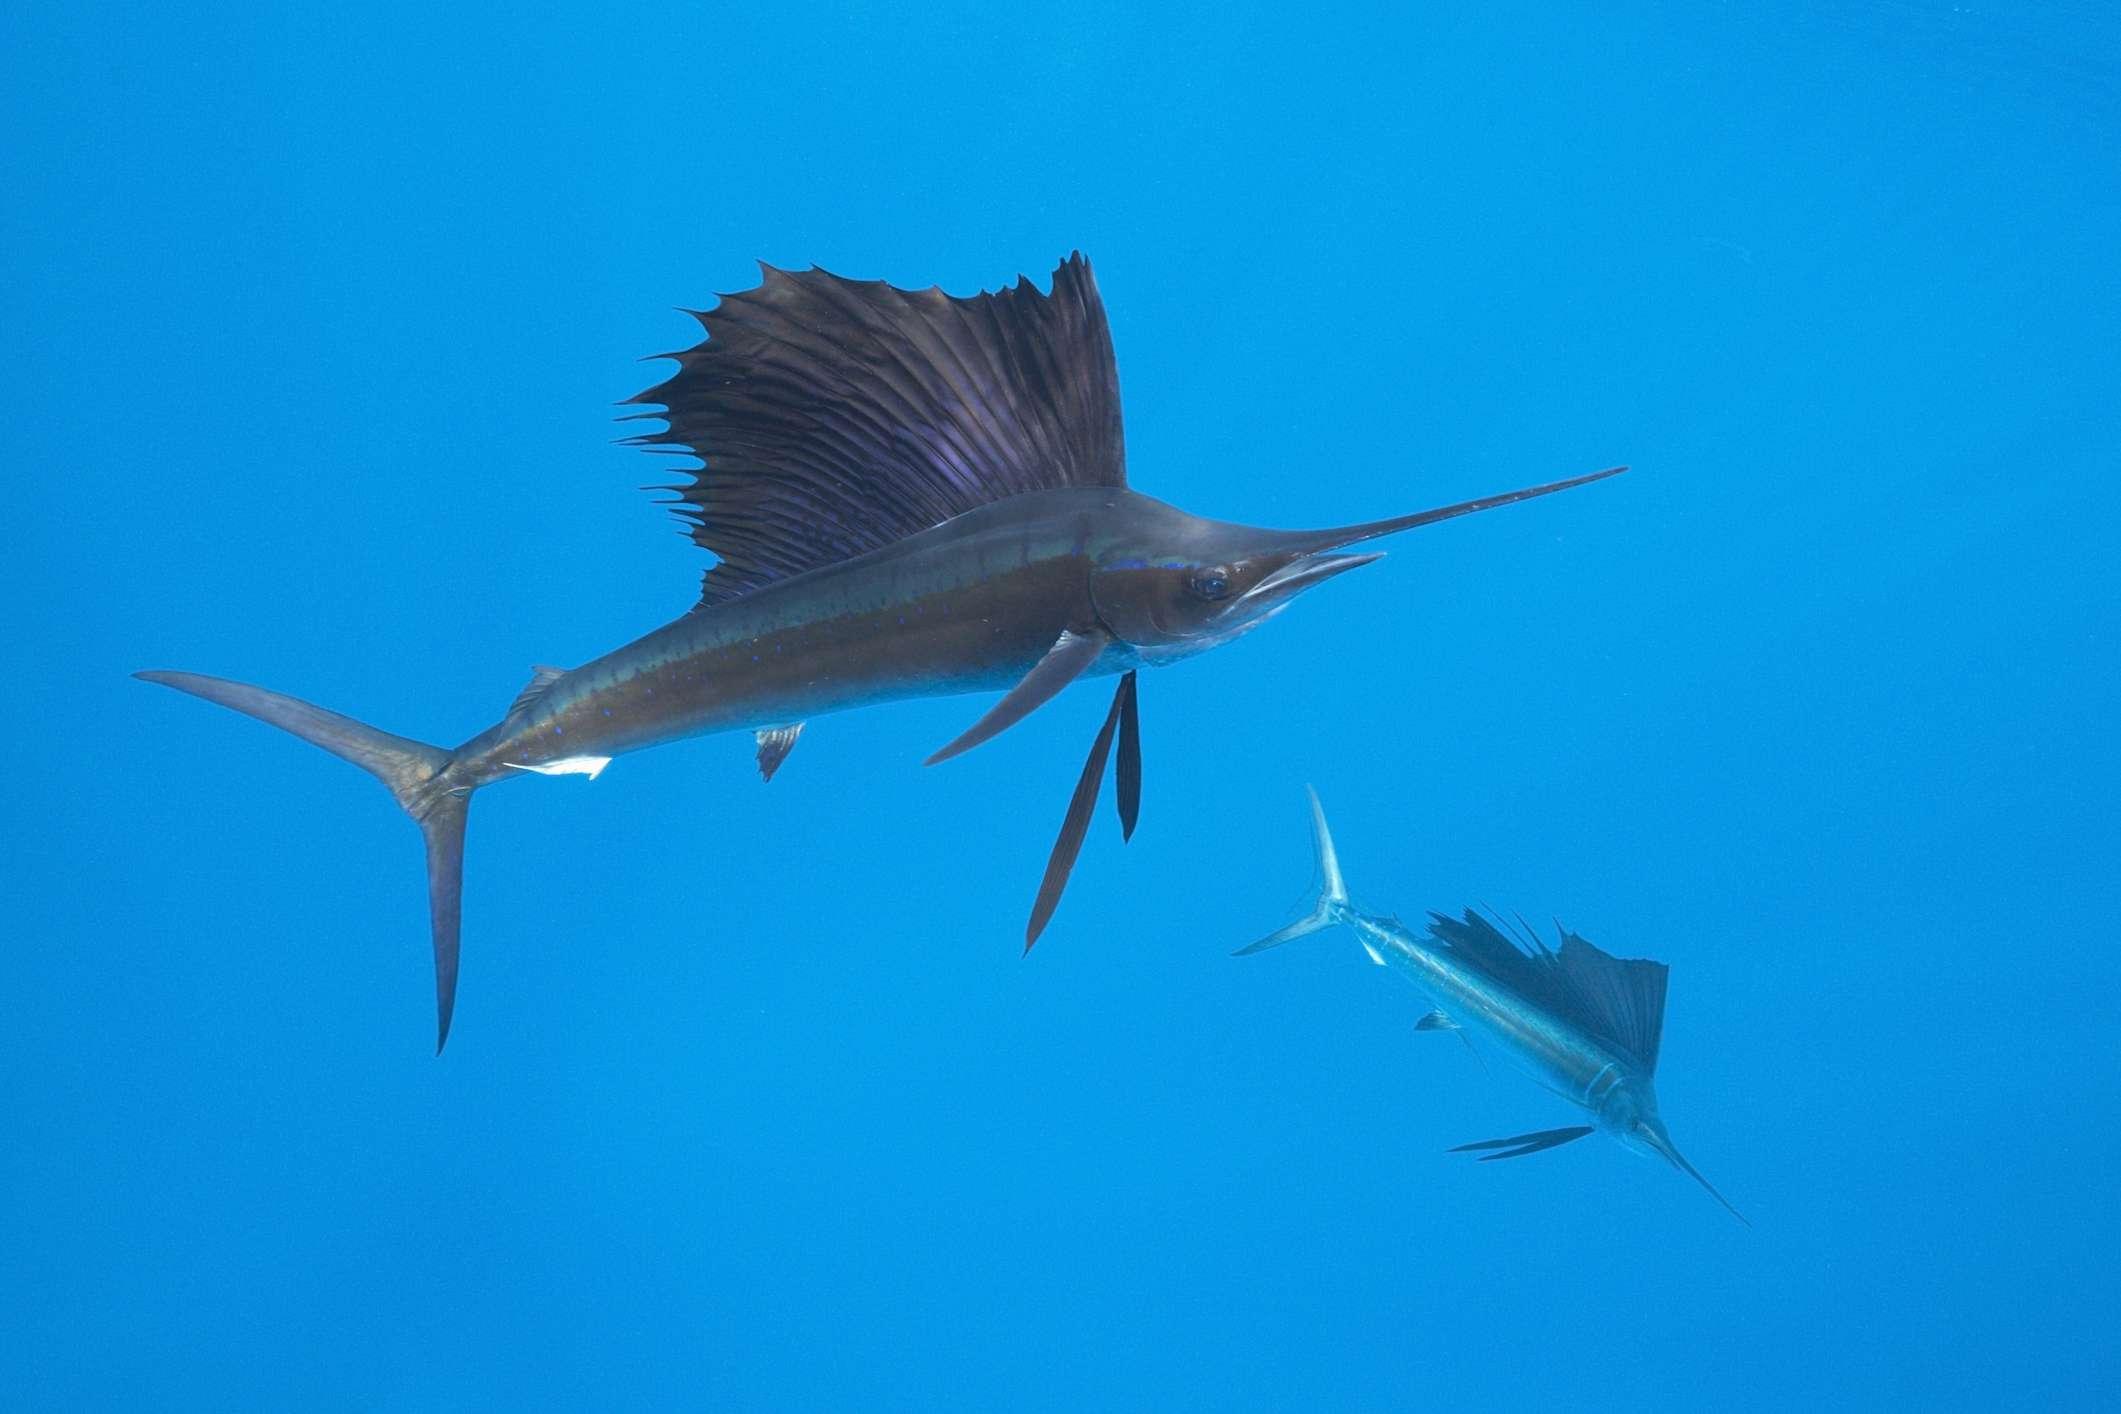 Pair of sailfish underwater